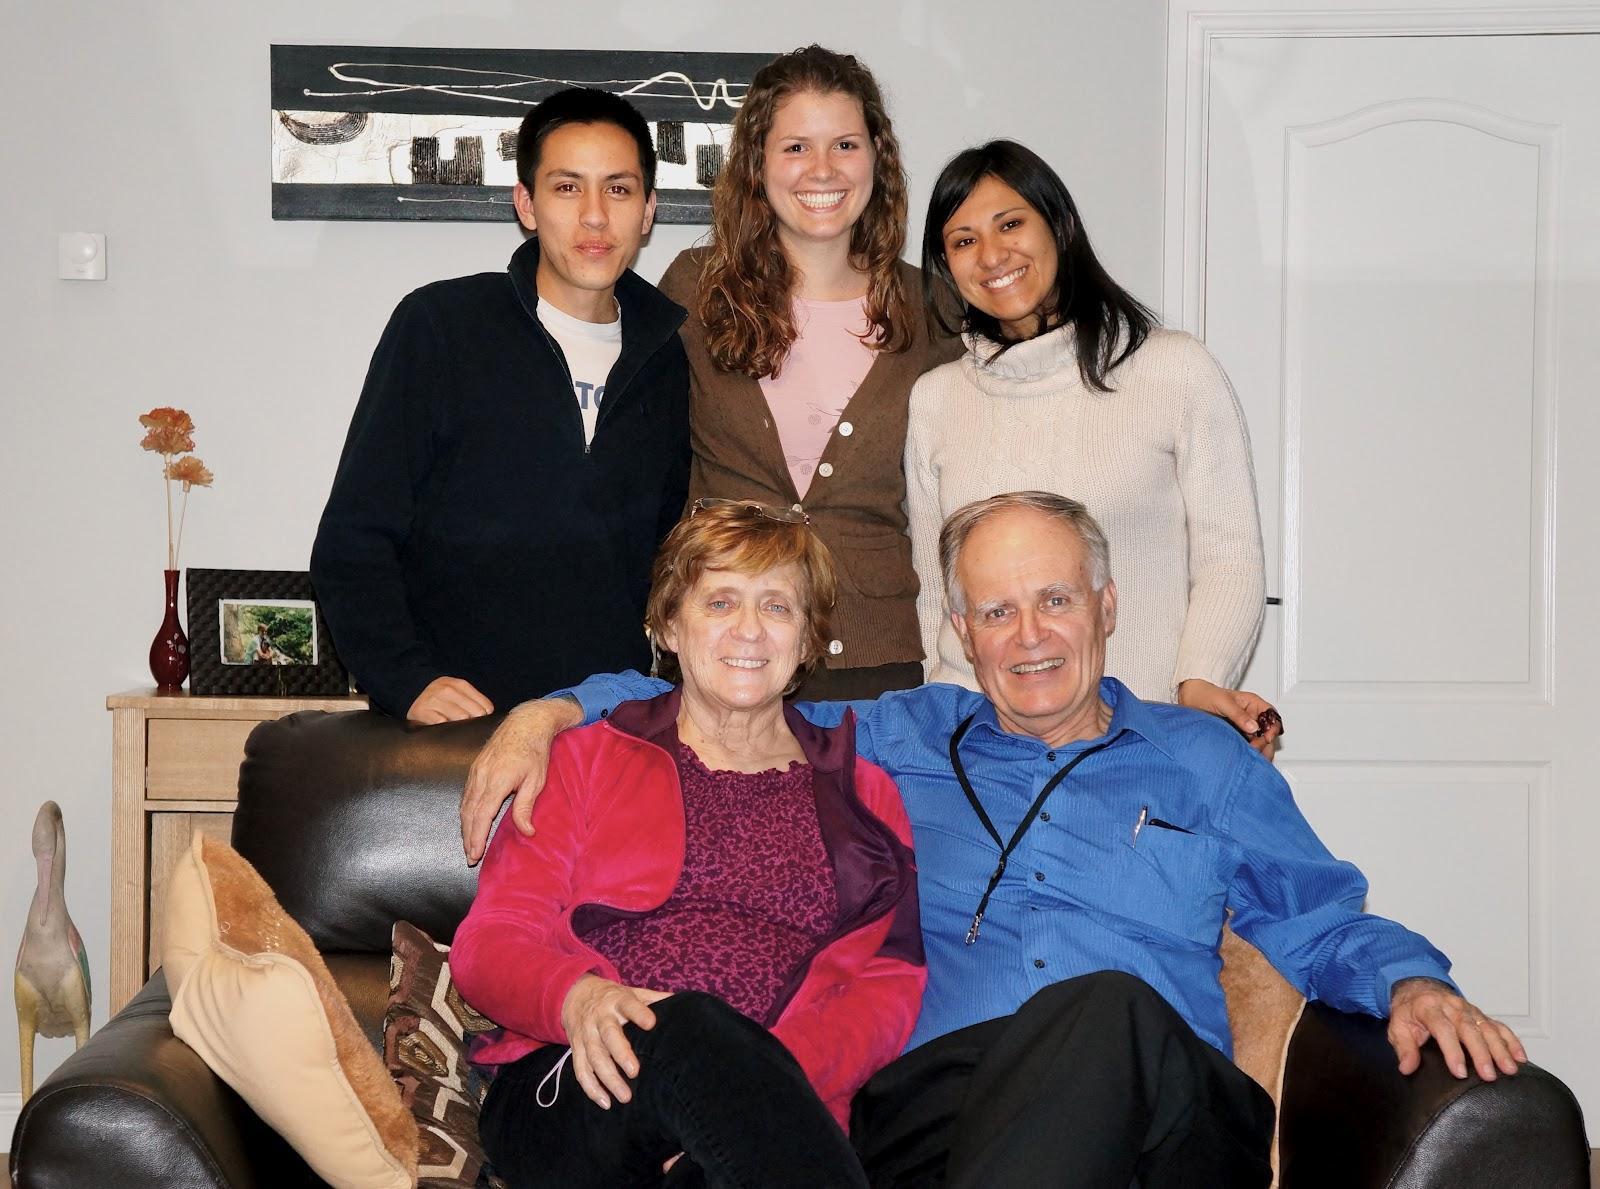 Voluntários fazem amizade com população e levam mensagem bíblica